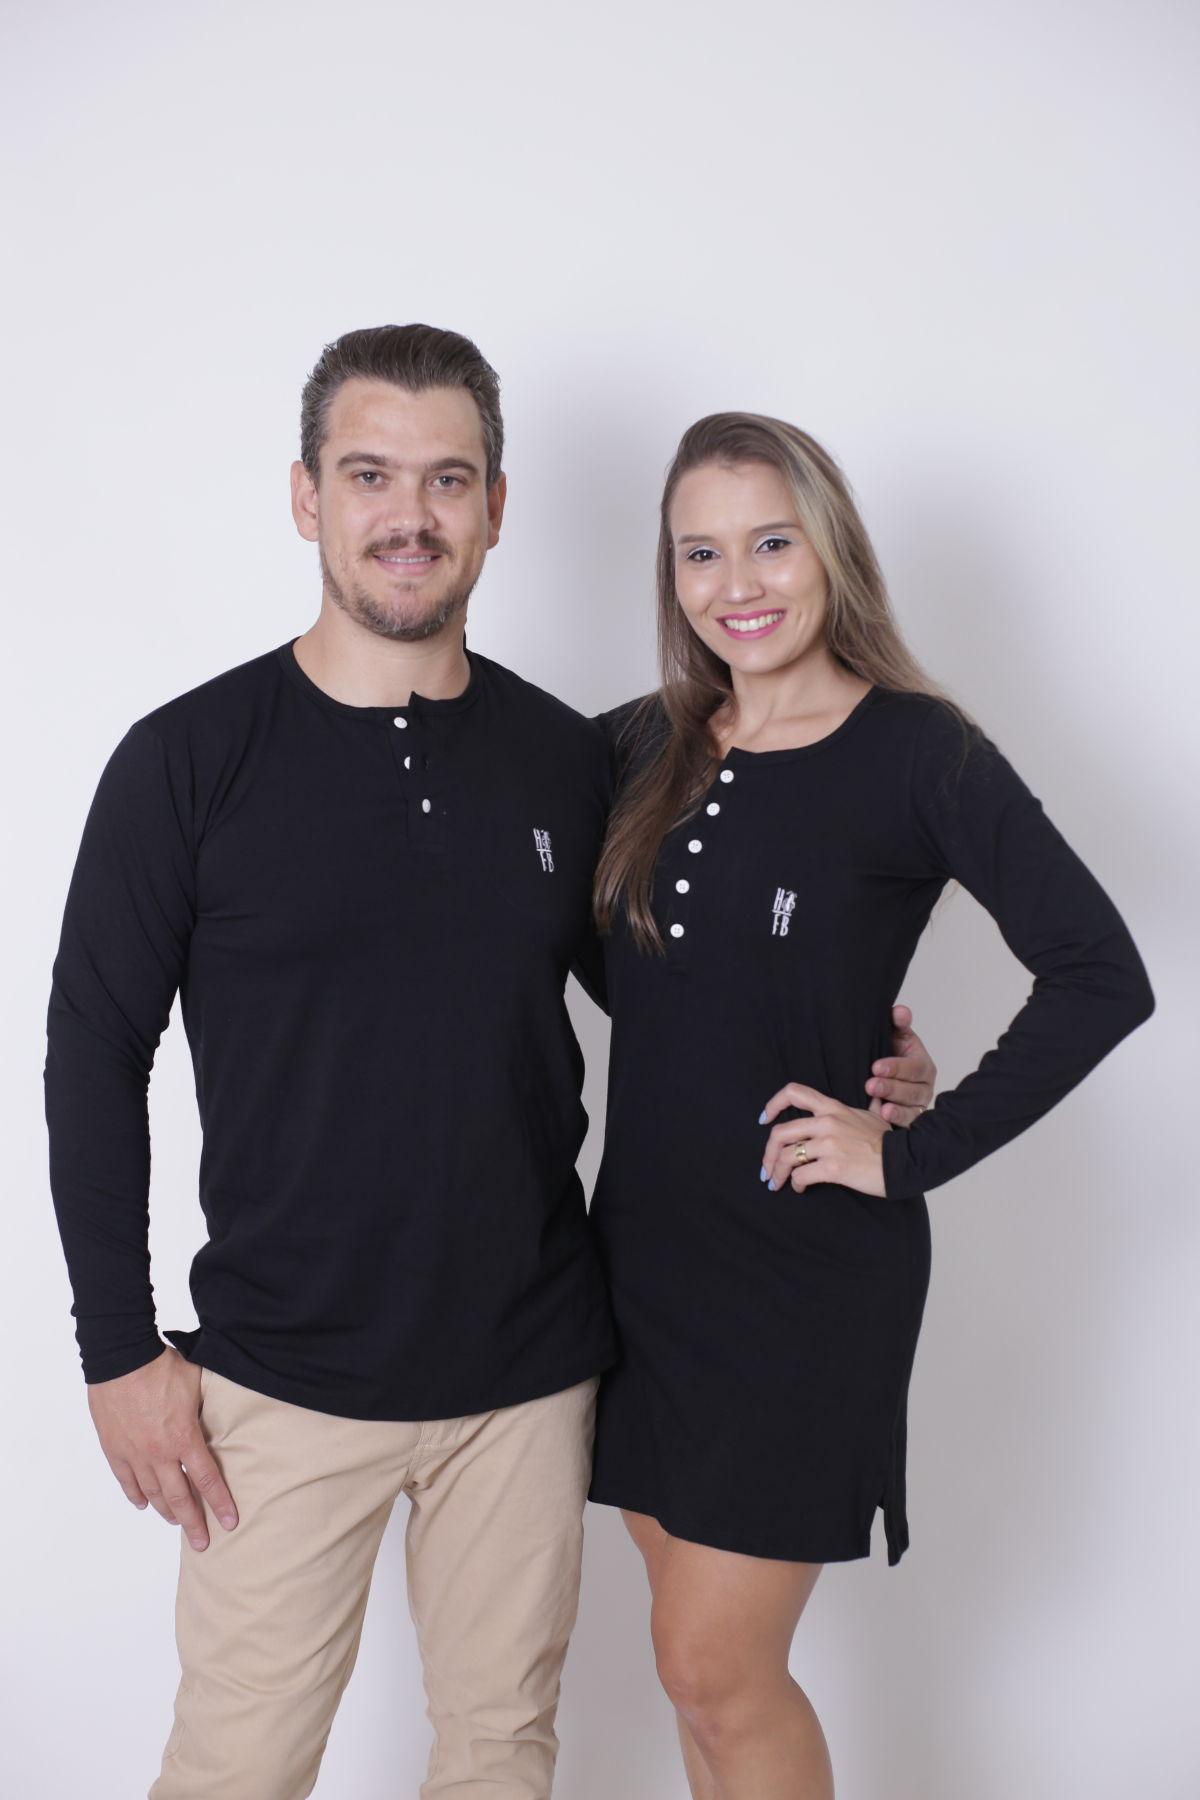 NAMORADOS > Kit 02 Peças - T-Shirt + Vestido - Henley - Preto Manga Longa [Coleção Namorados]  - Heitor Fashion Brazil